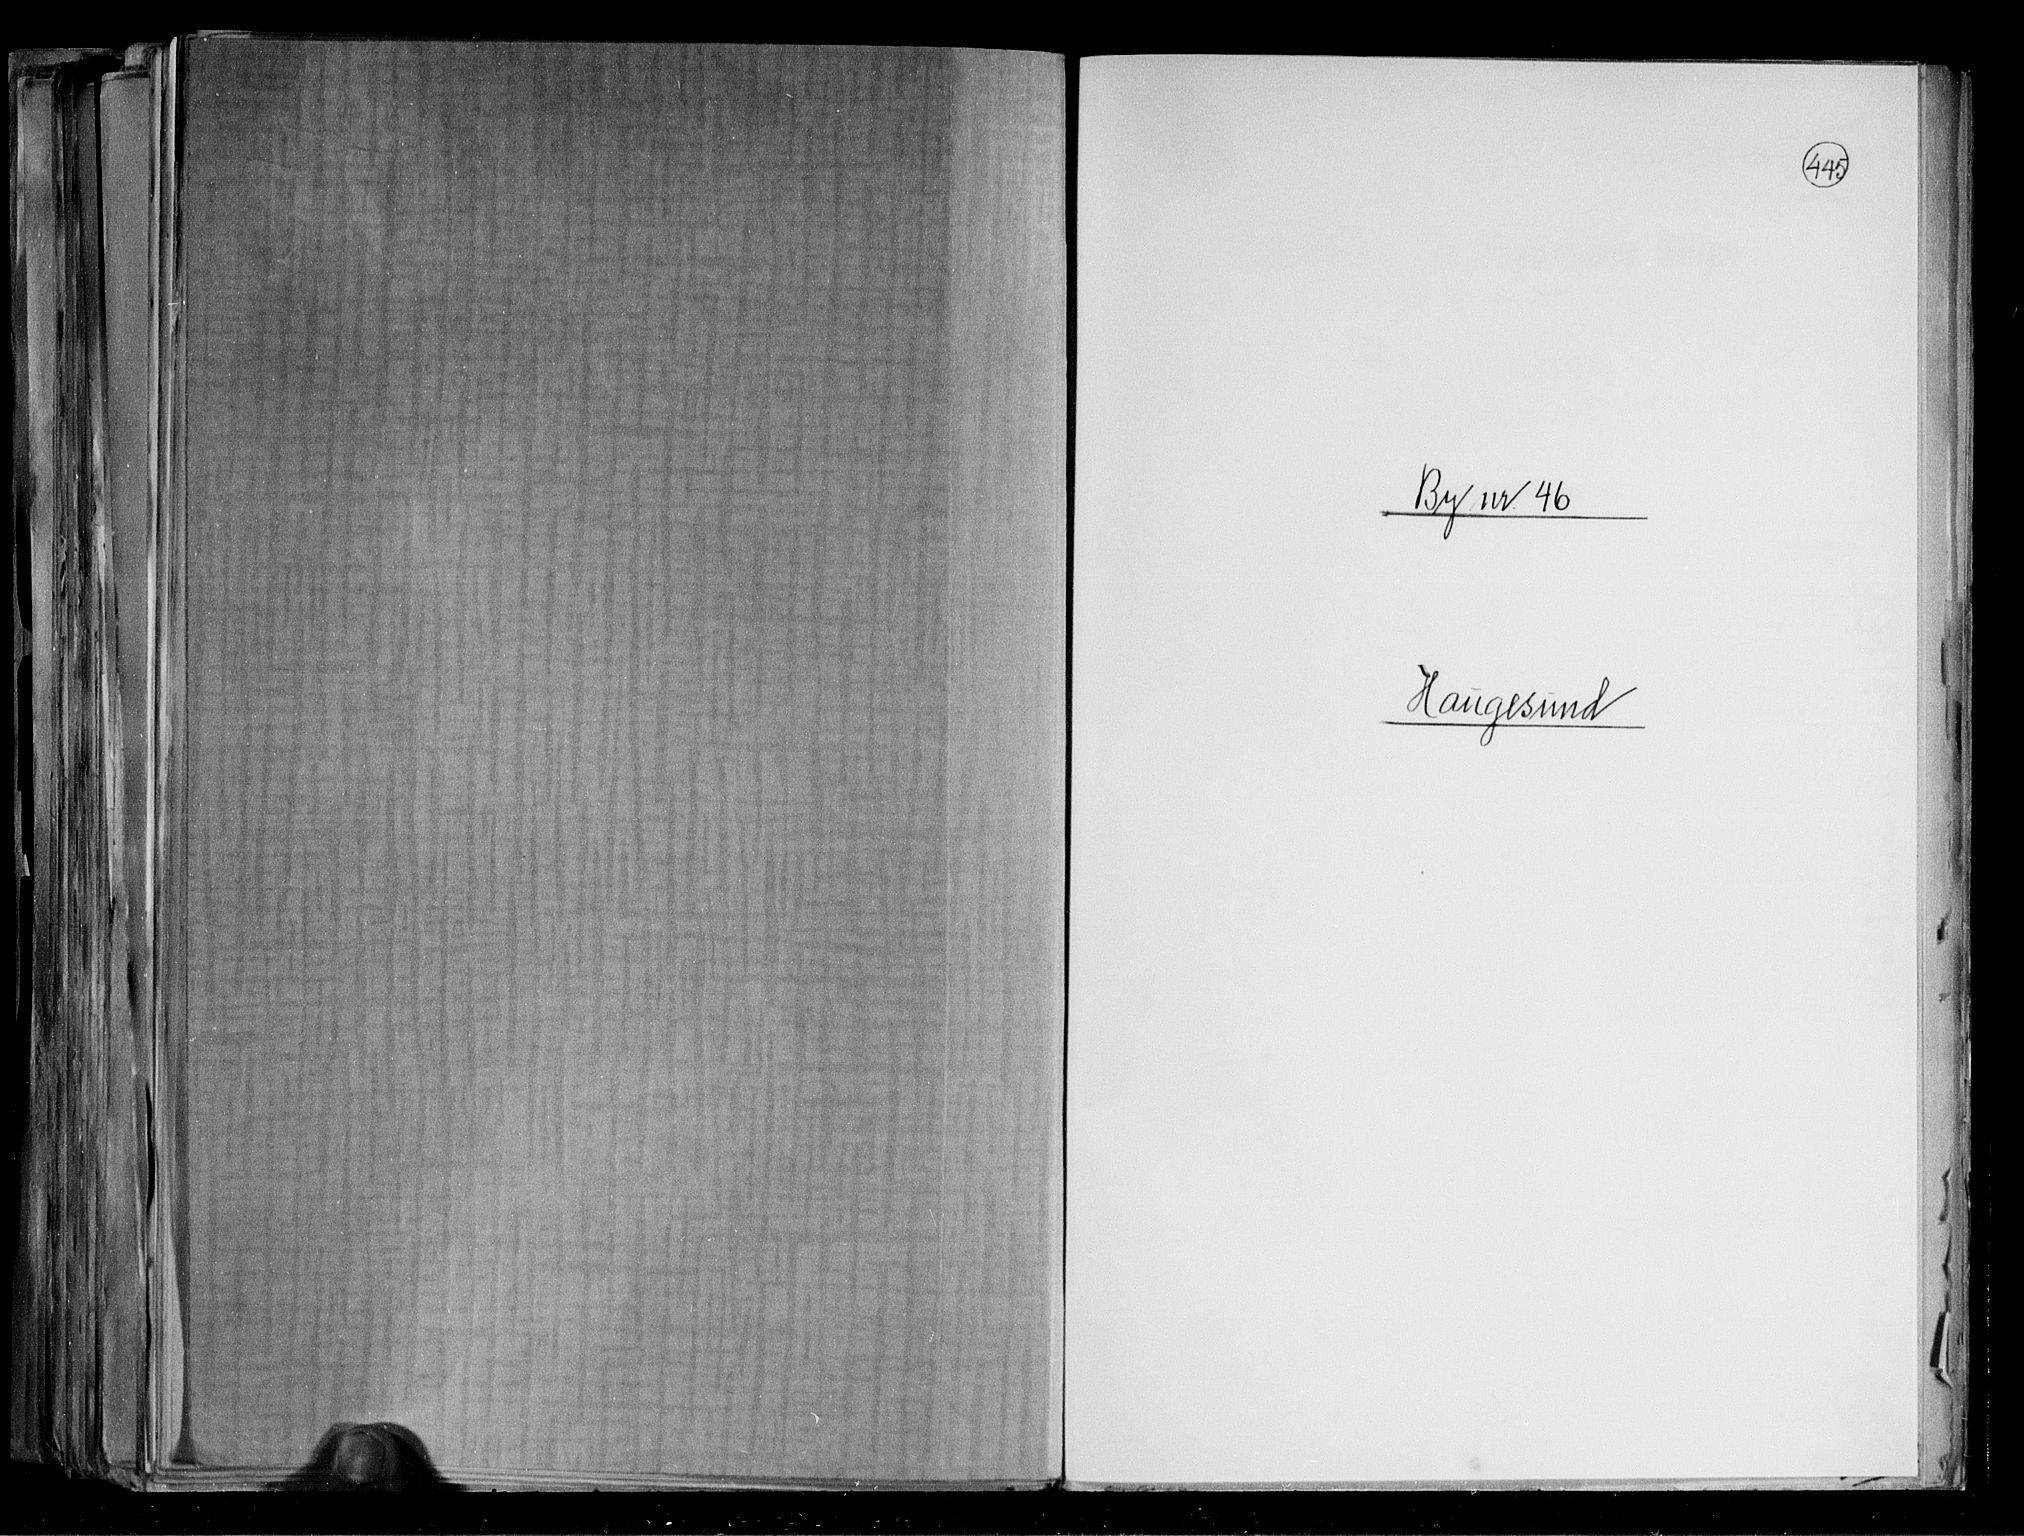 RA, Folketelling 1891 for 1106 Haugesund kjøpstad, 1891, s. 1